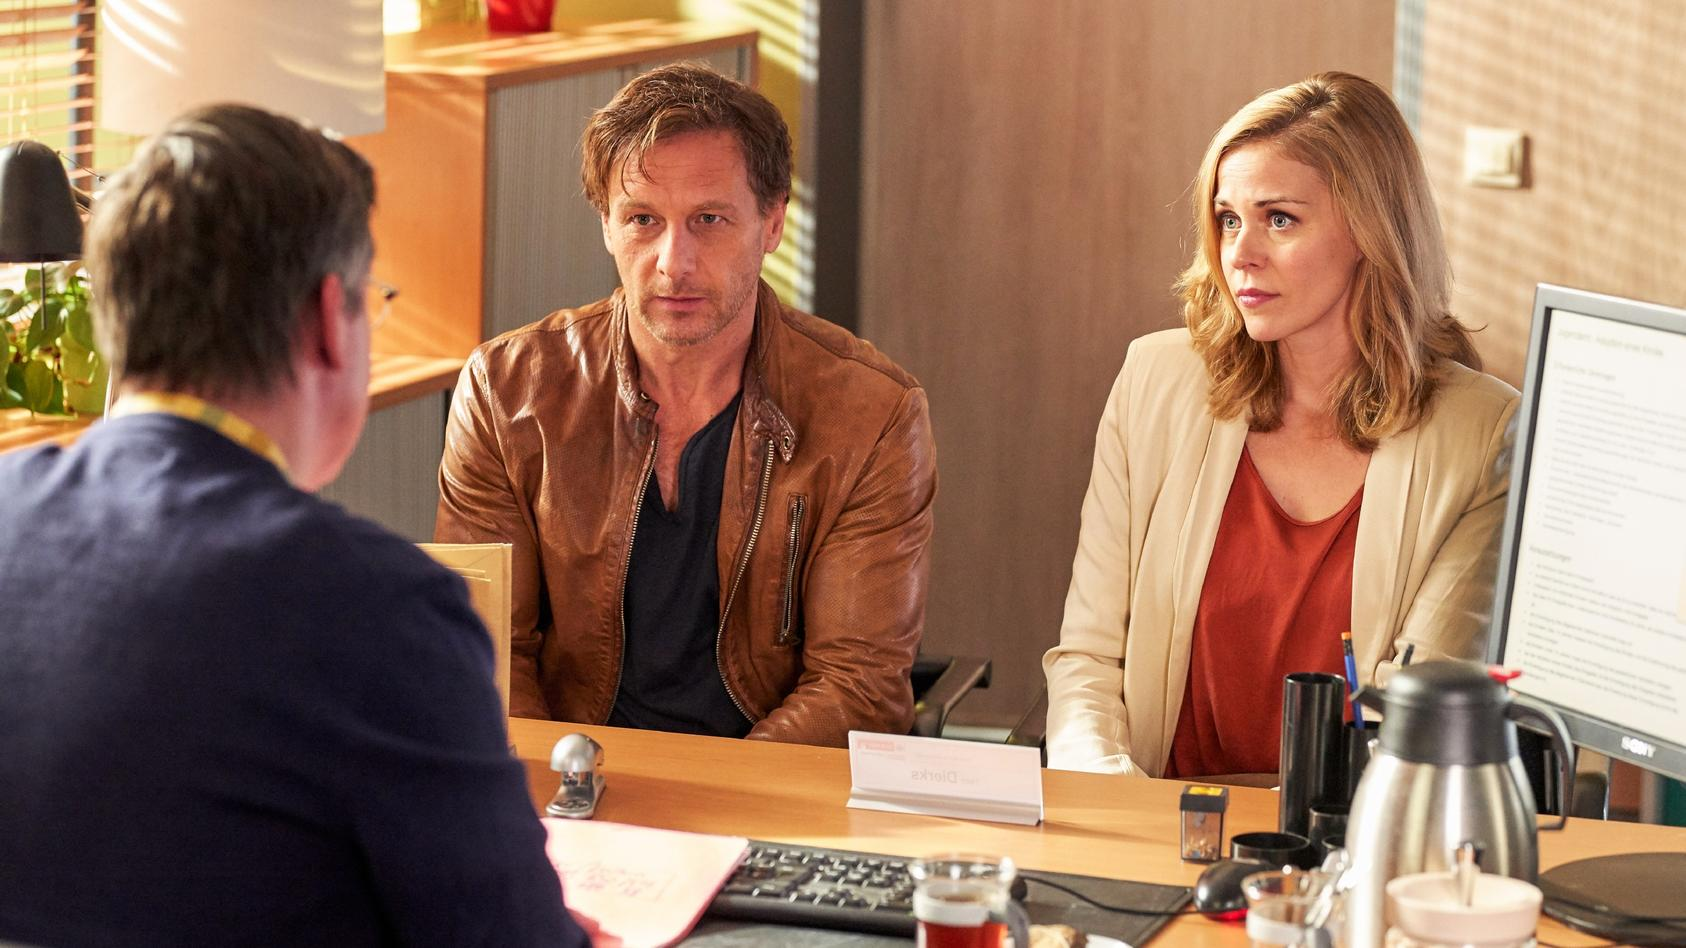 Karin (Jessica Ginkel) und Stefan (Hendrik Duryn) beim Adoptions-Termin.